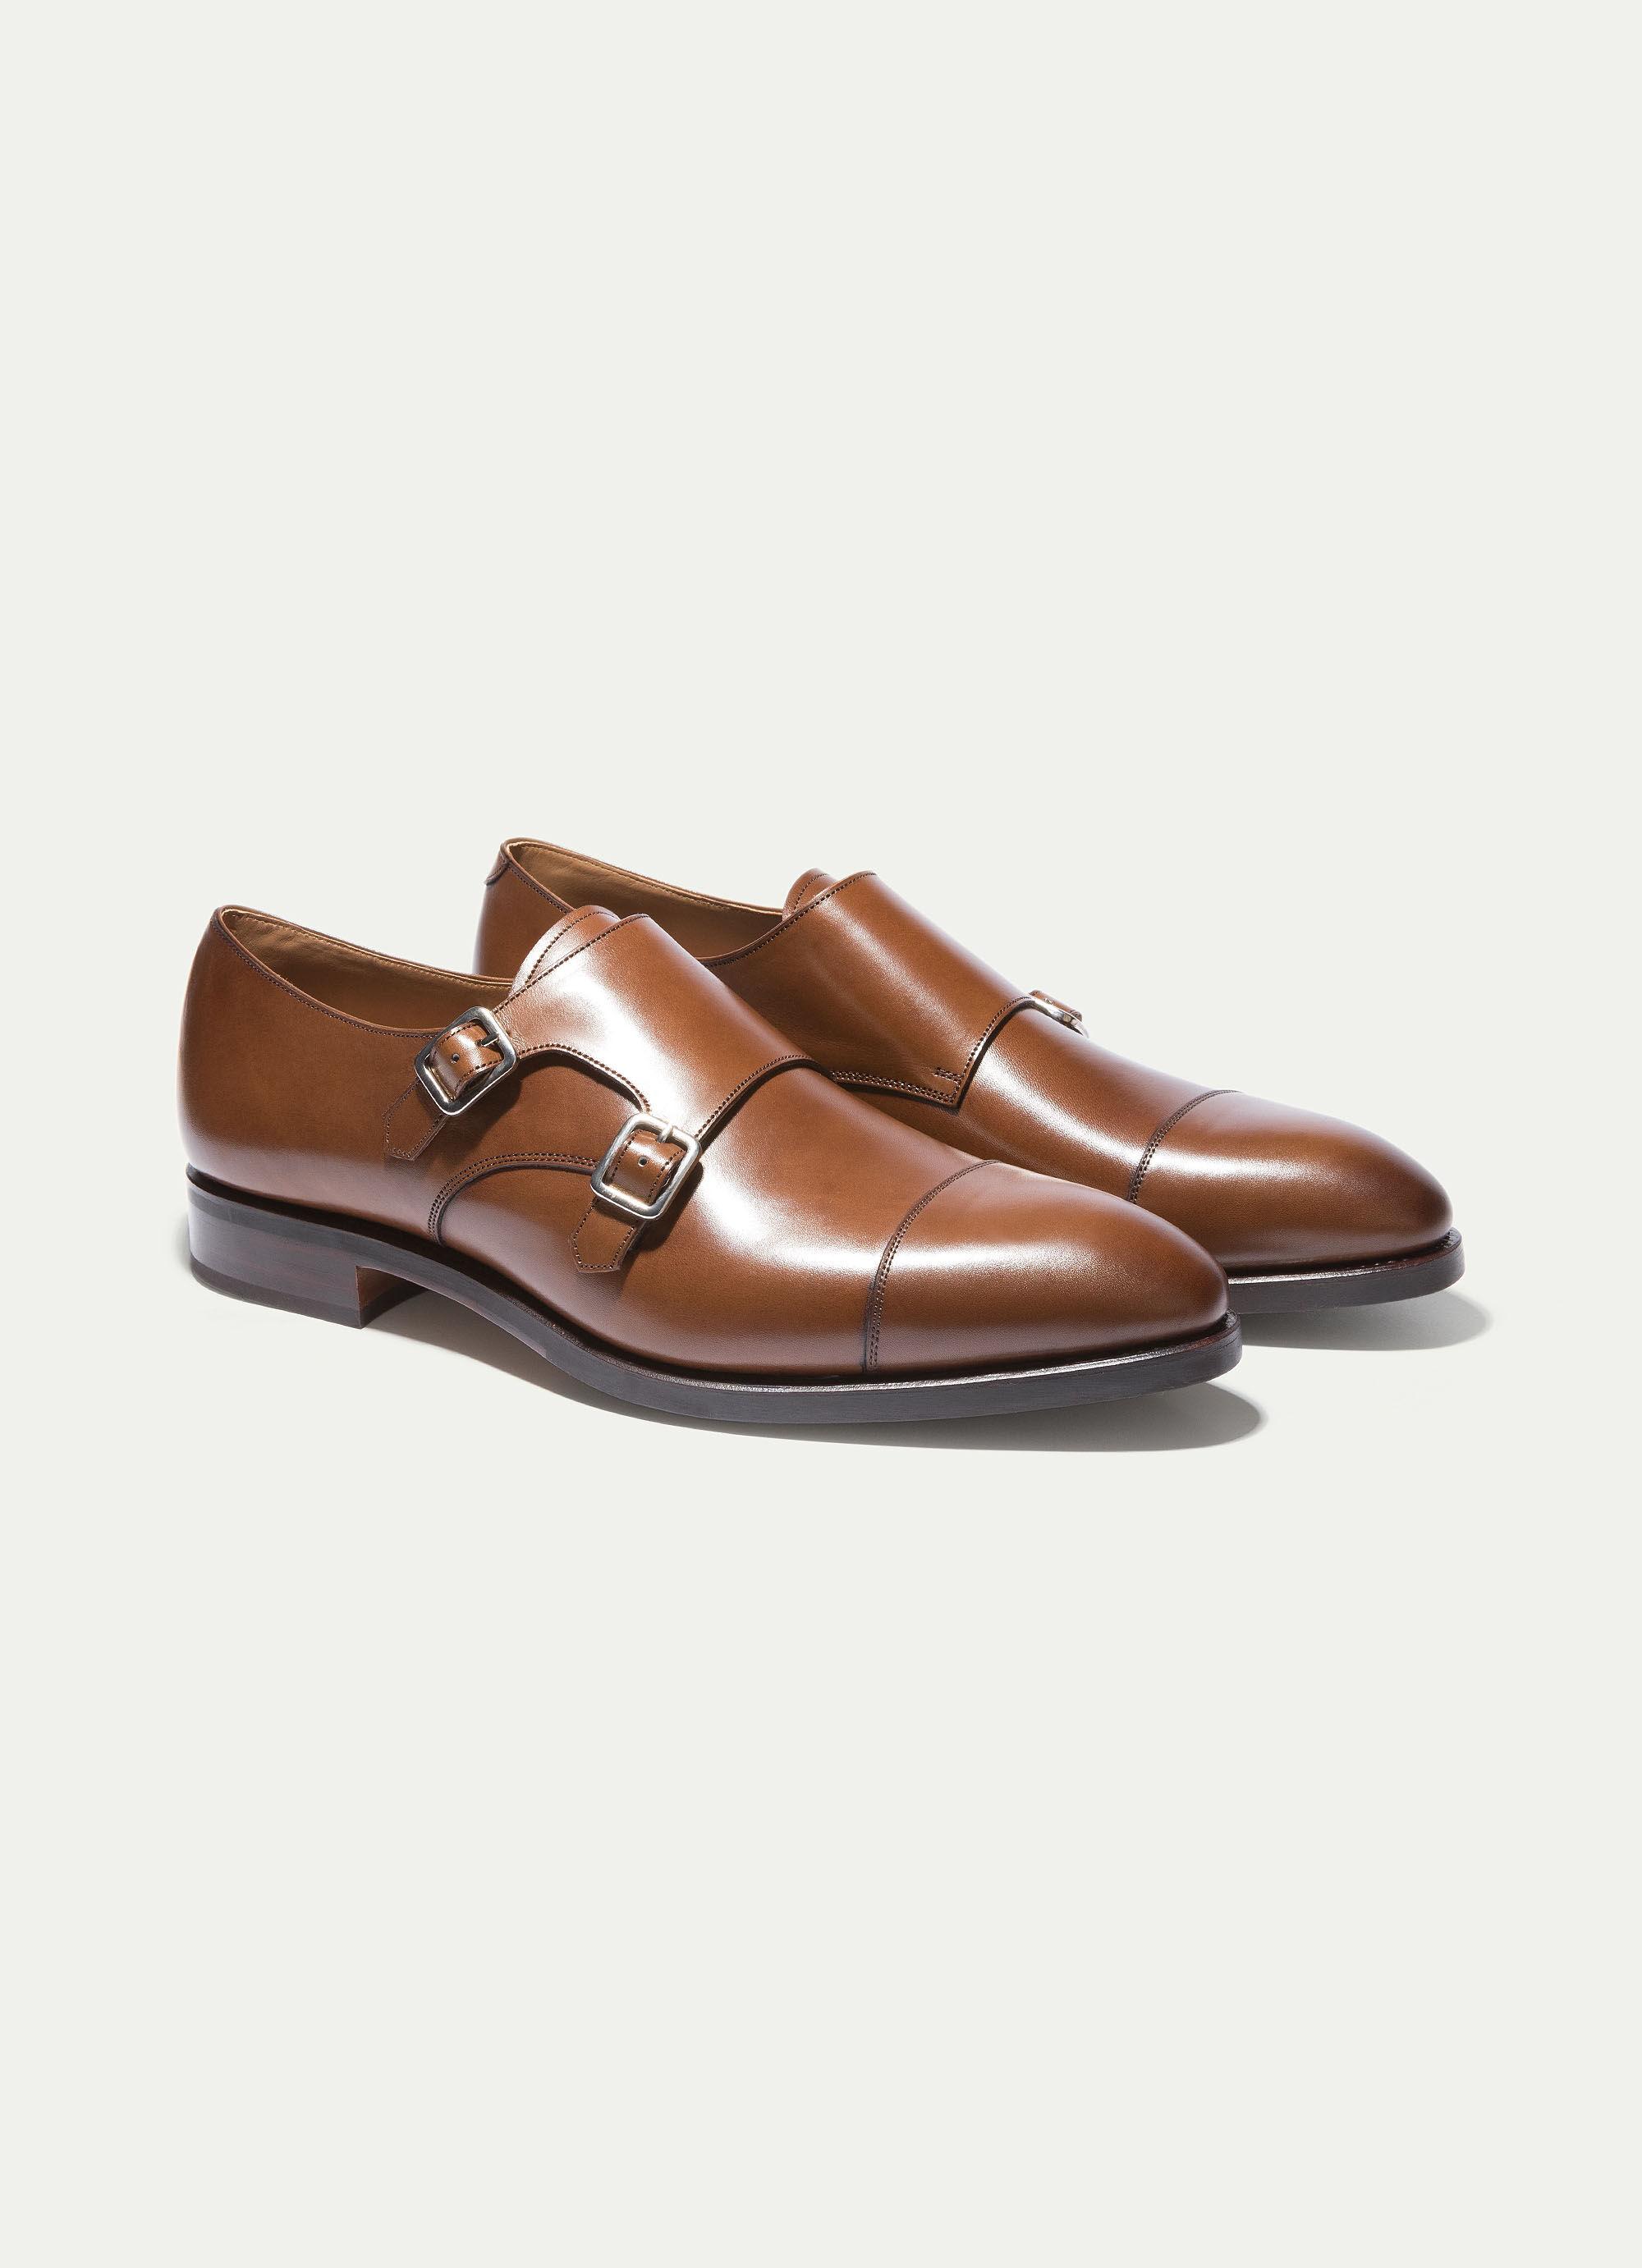 Schuh Monk HackettHackett Double Strap von 5Ac34RjqL